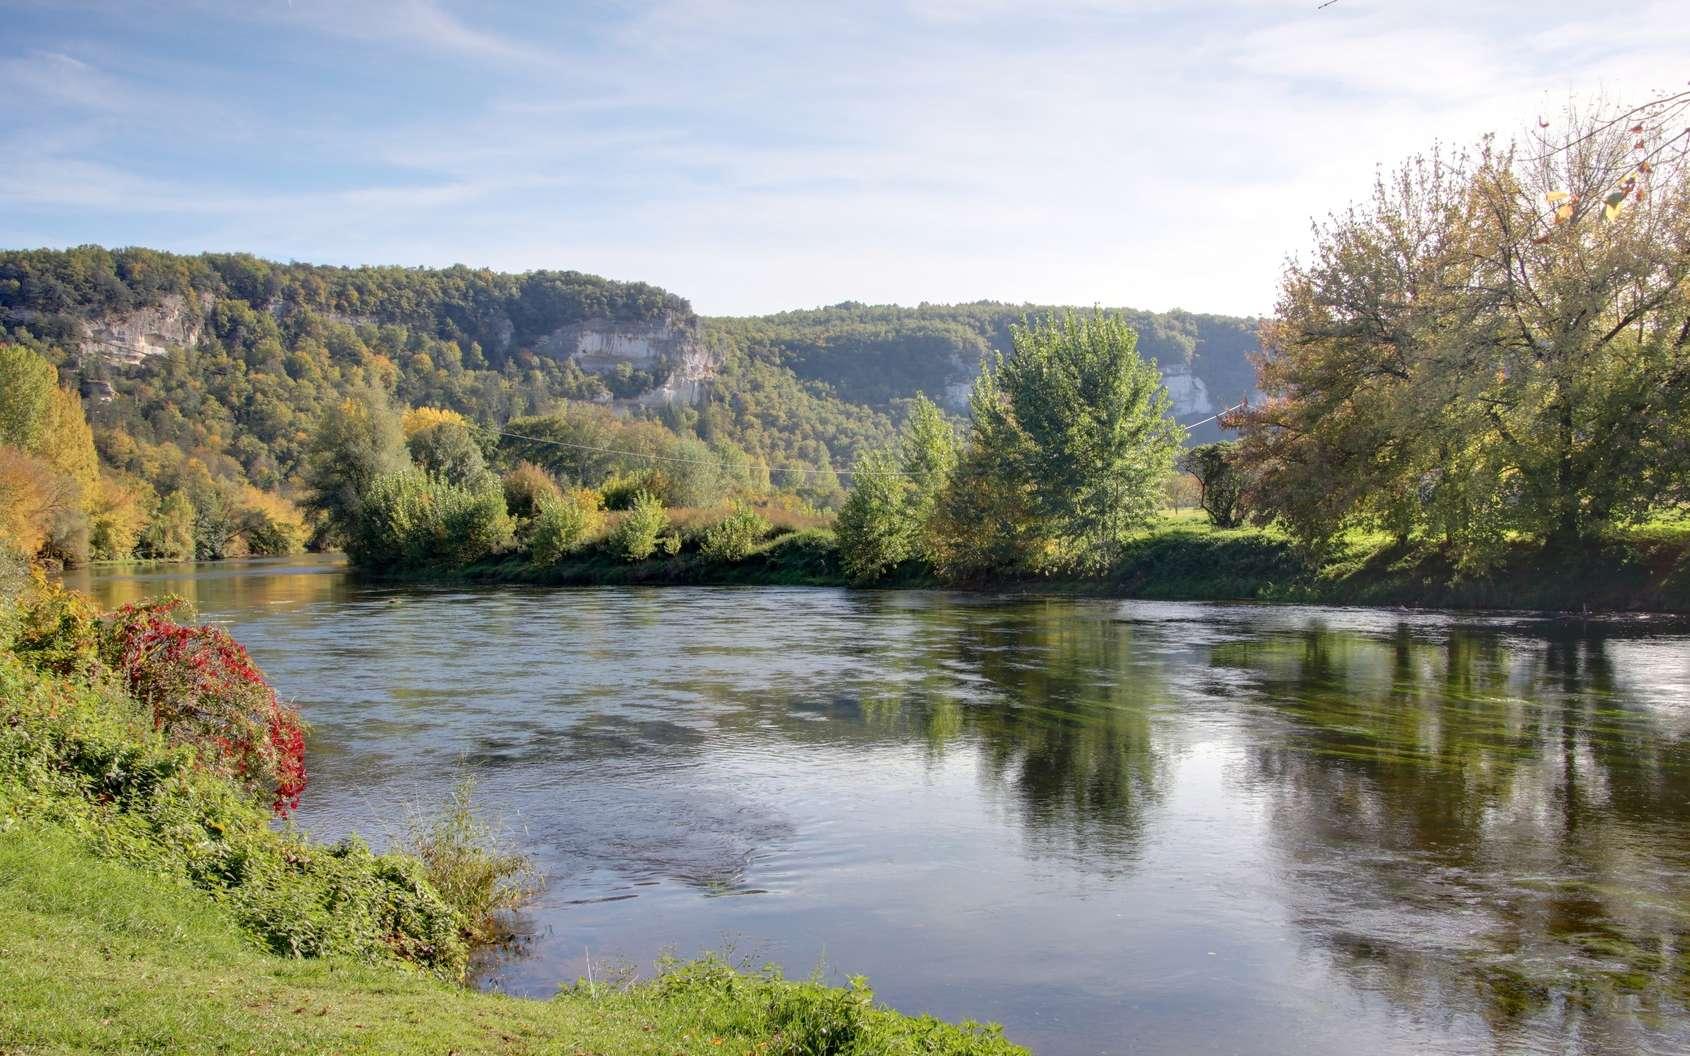 La vallée de la Dordogne aujourd'hui. Dans cette région ont vécu des Homo sapiens qui s'installaient partout en Europe. Leur culture, dite aurignacienne, était partagée sur un vaste territoire et durant des millénaires. © Lotharingia